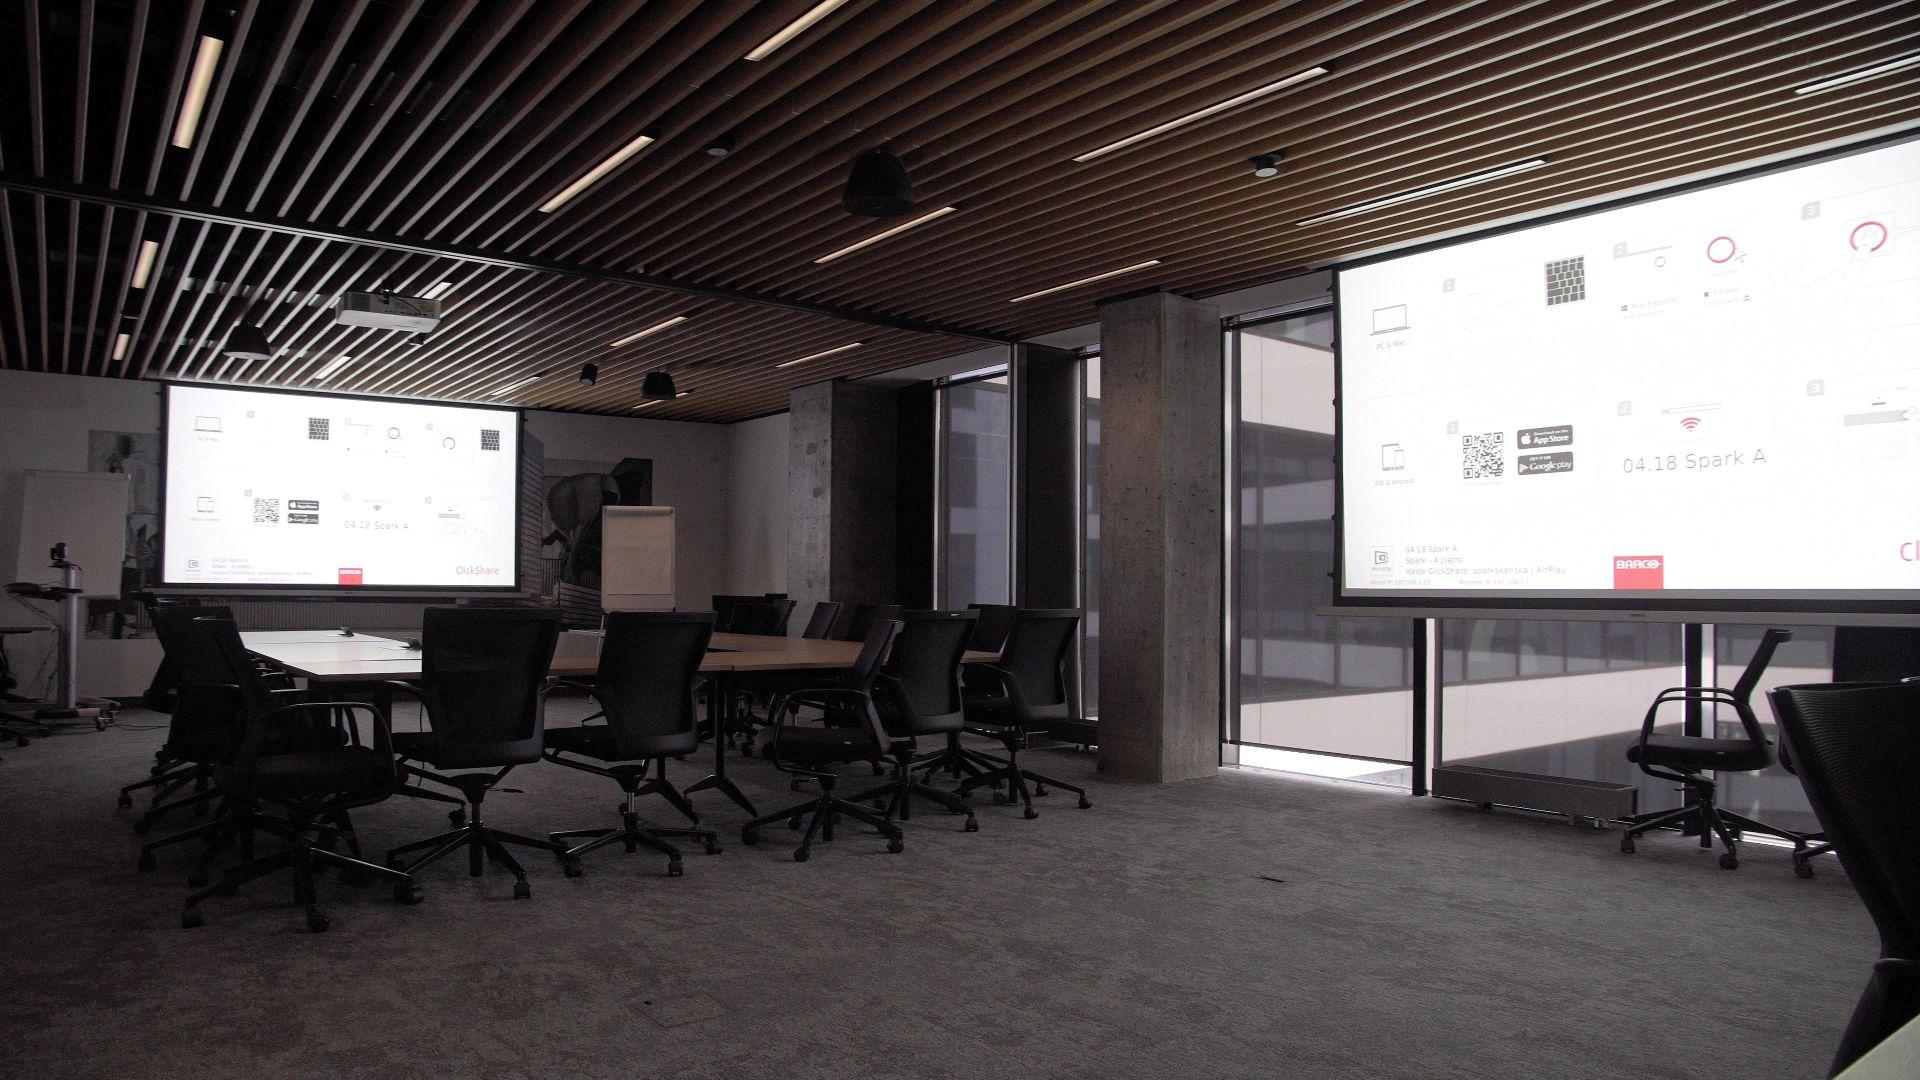 Duża sala konferencyjna z projektorami i ekranami